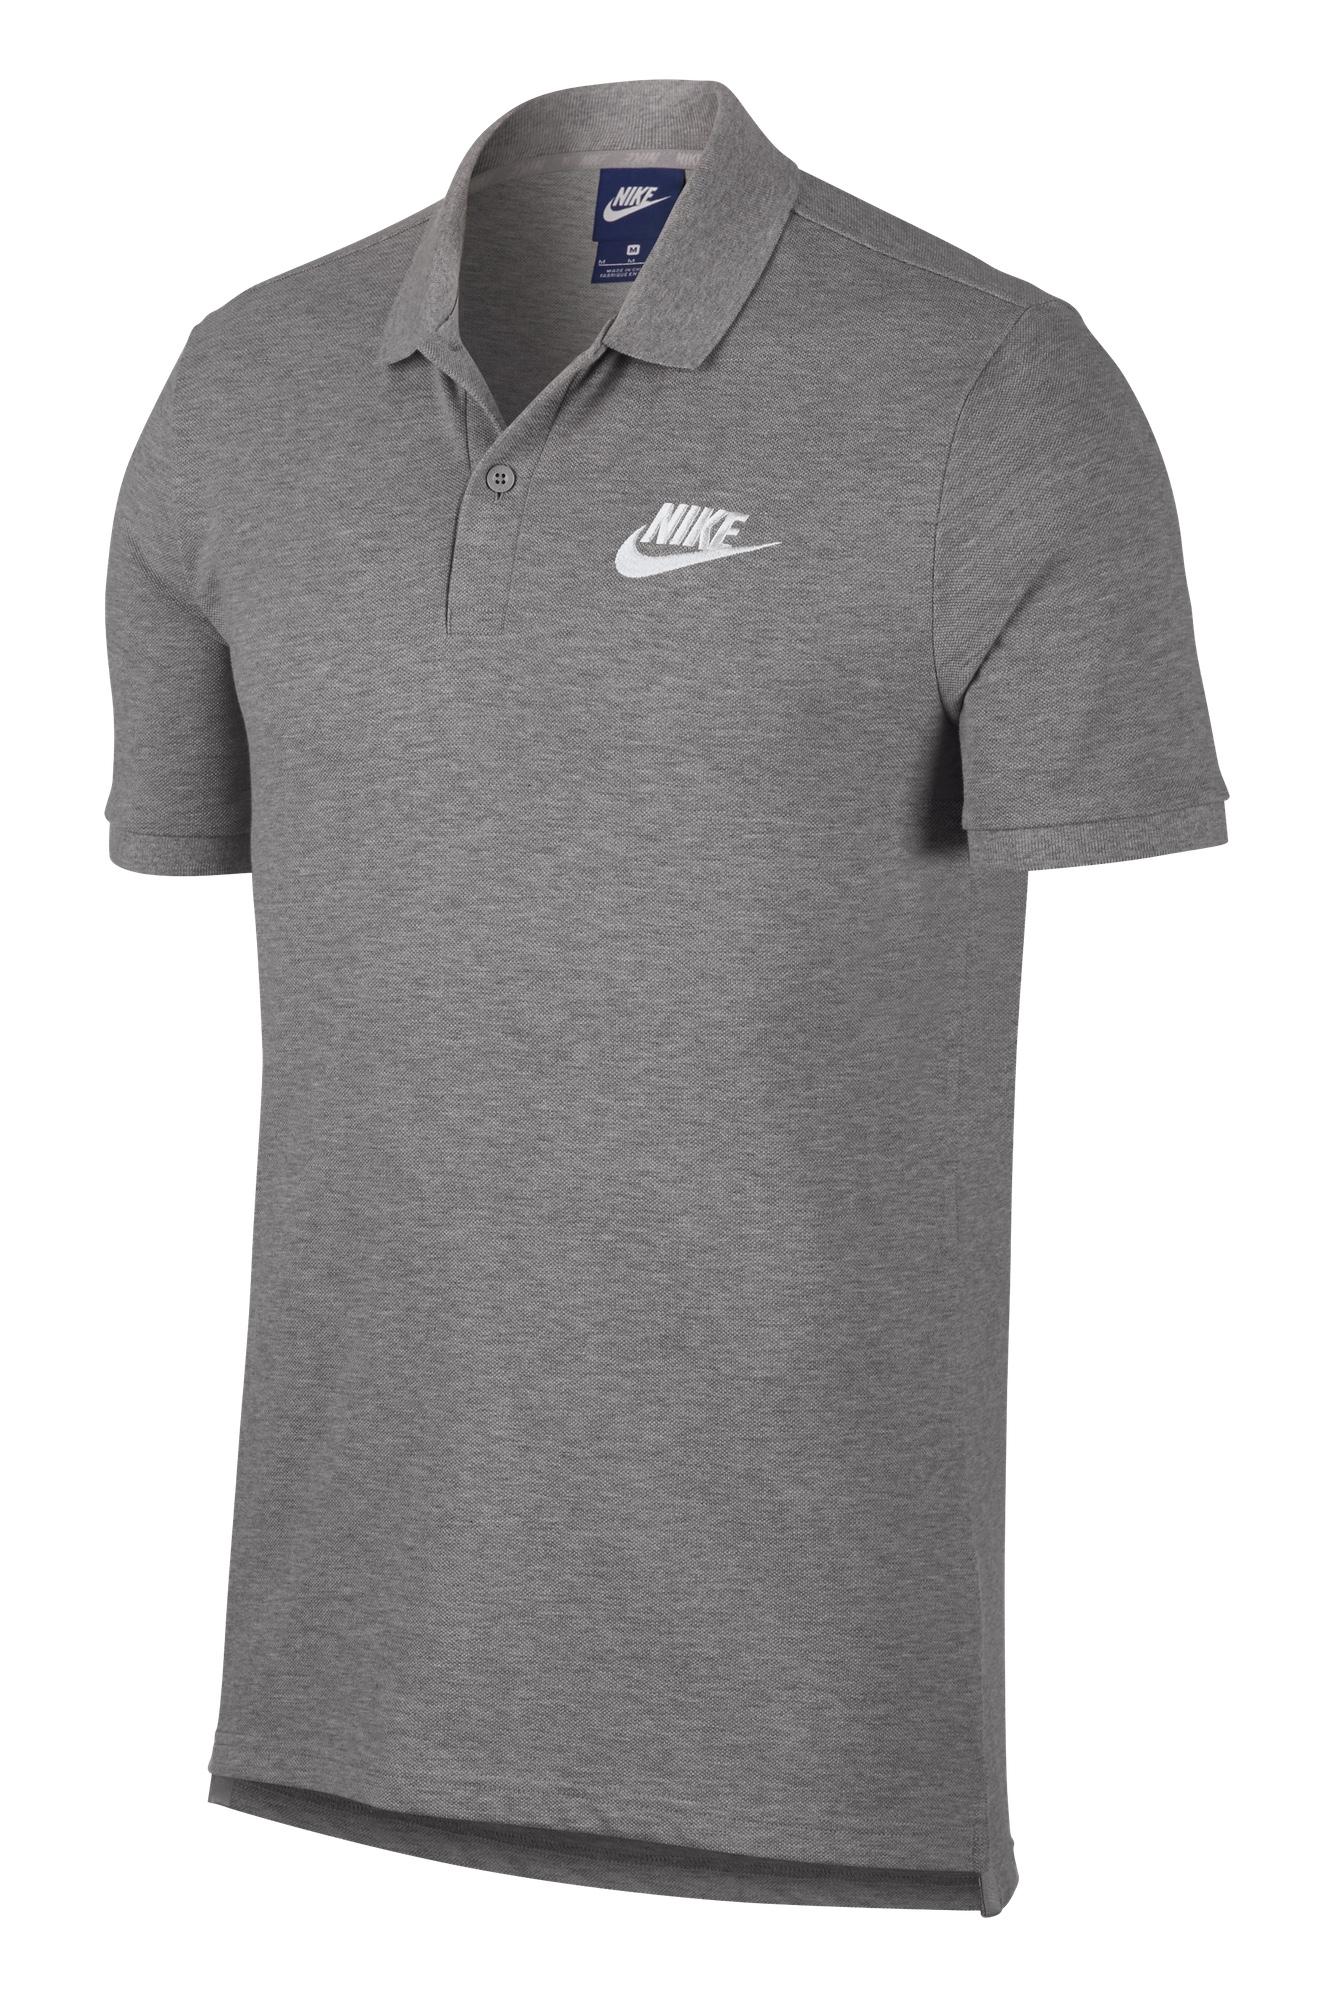 Polo Nike Sportswear Matchup PQ 909746 063 Polo Odzież